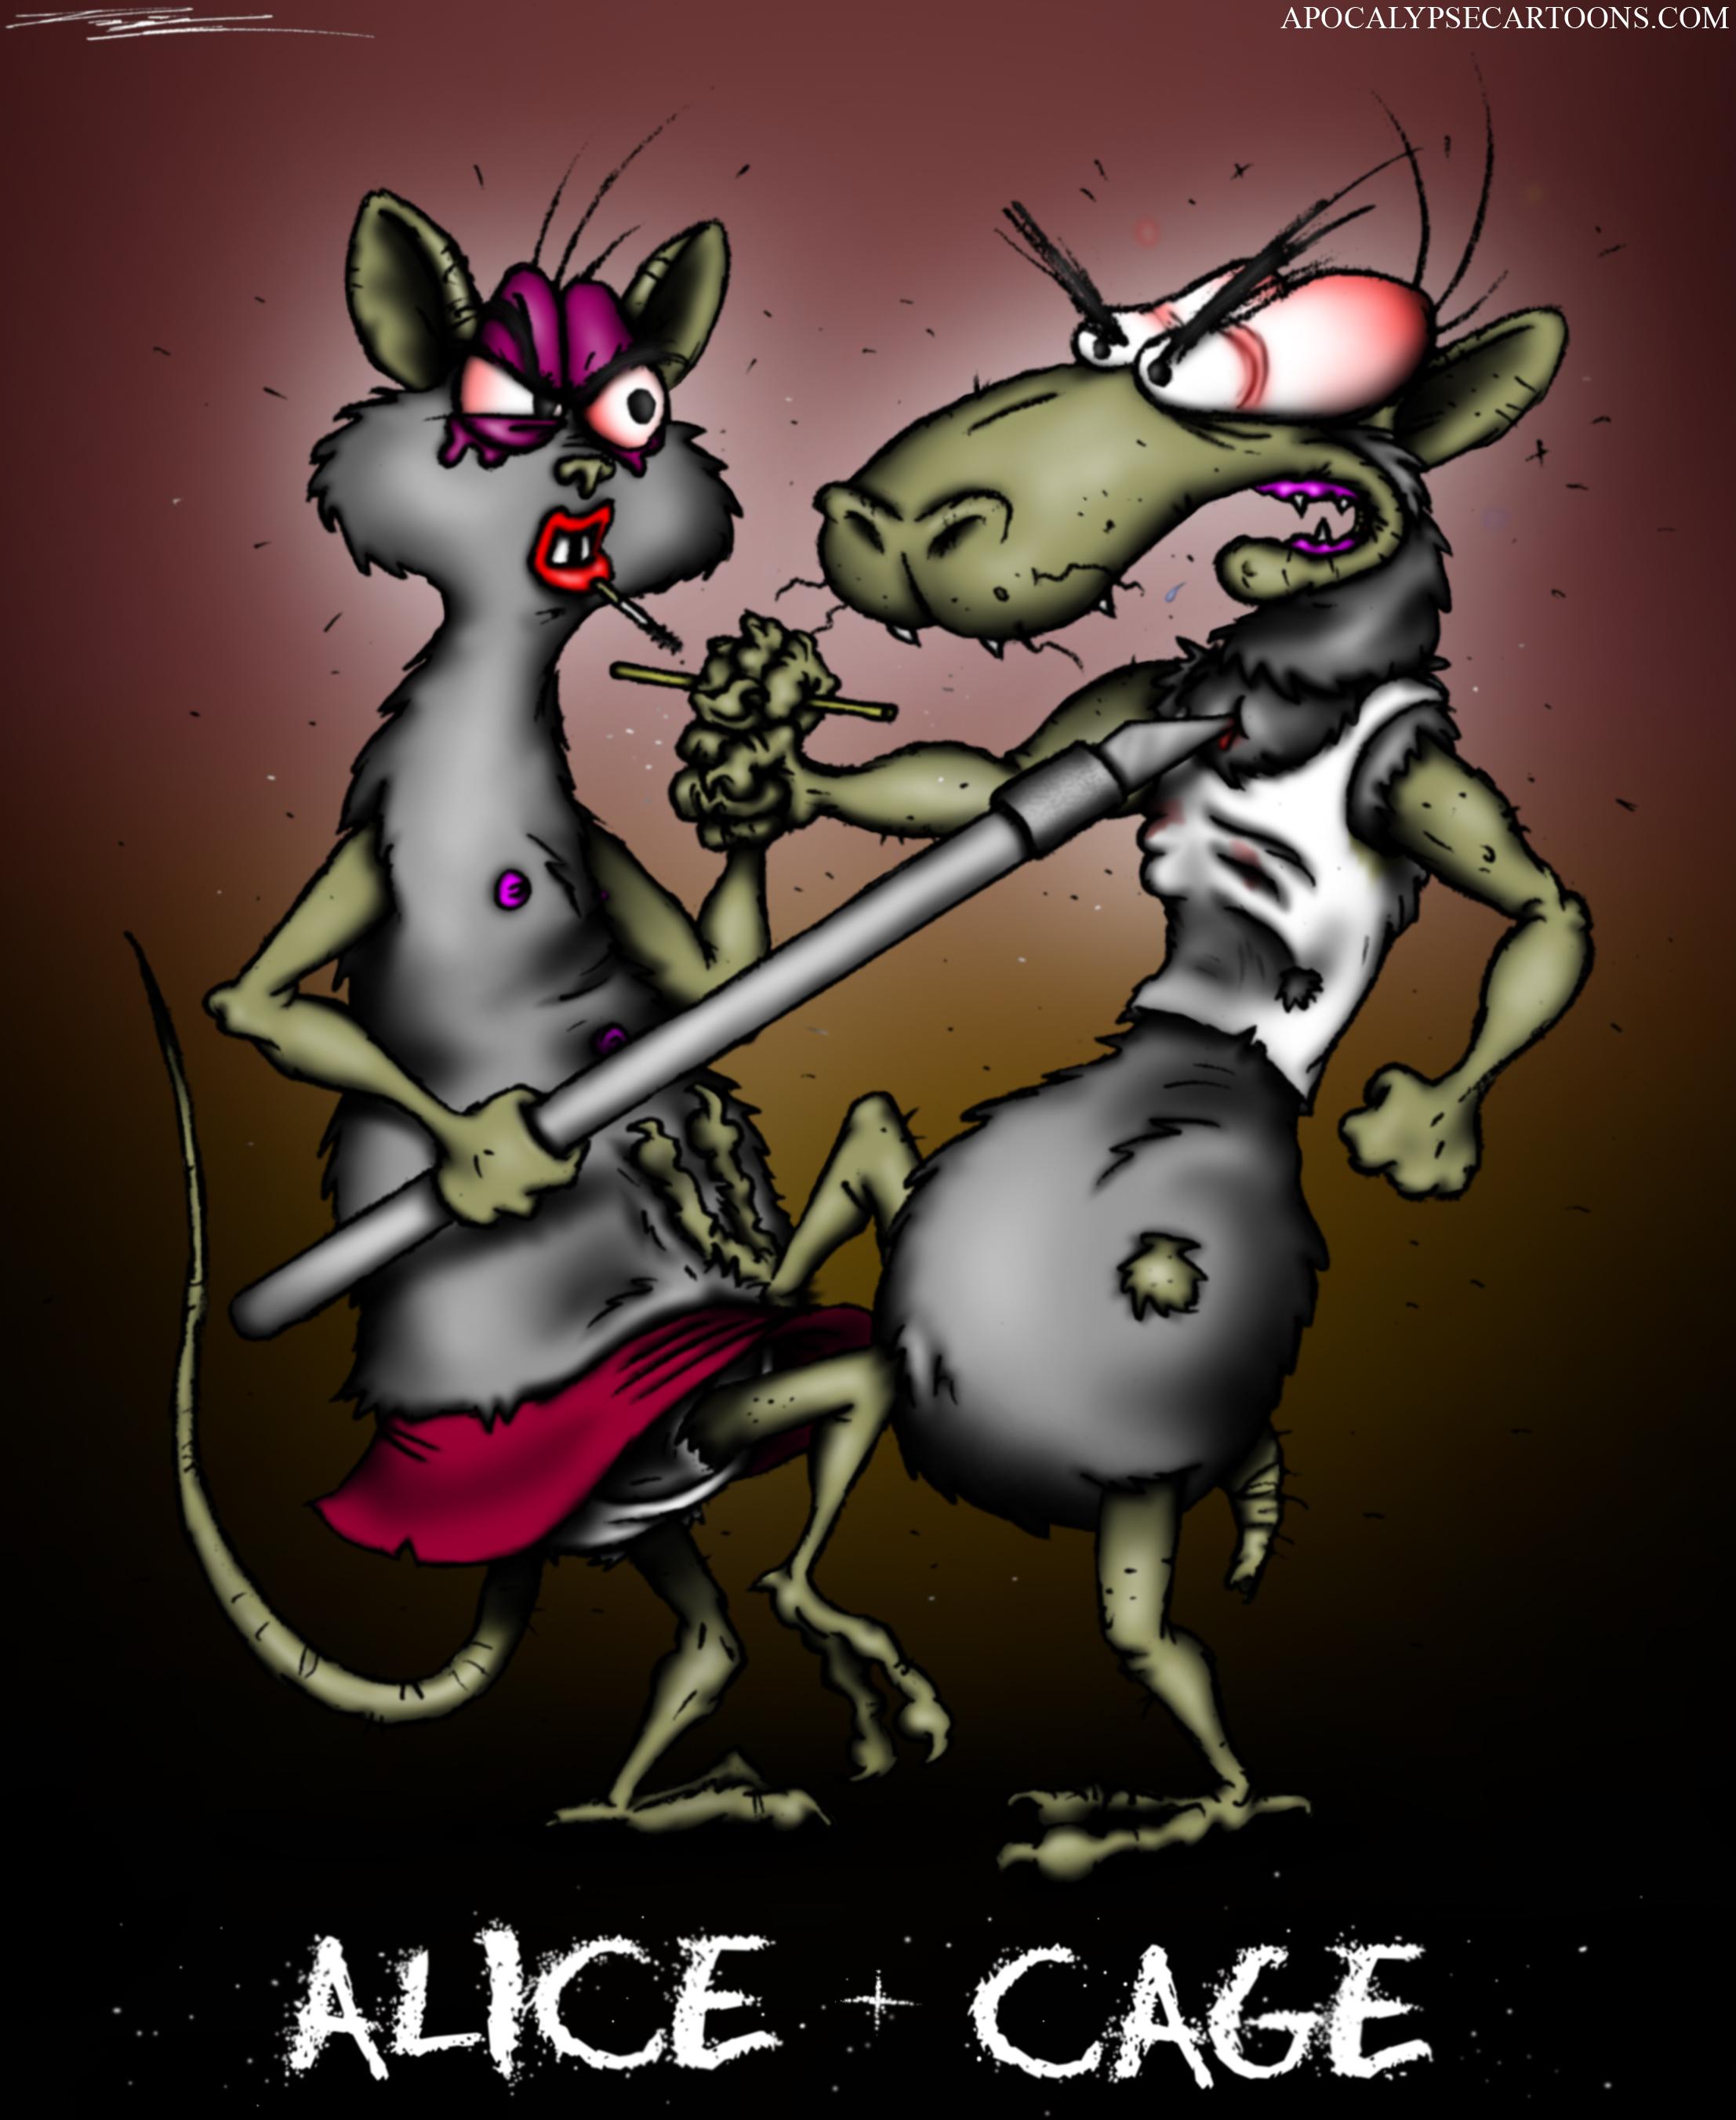 Rats on Cocaine portrait